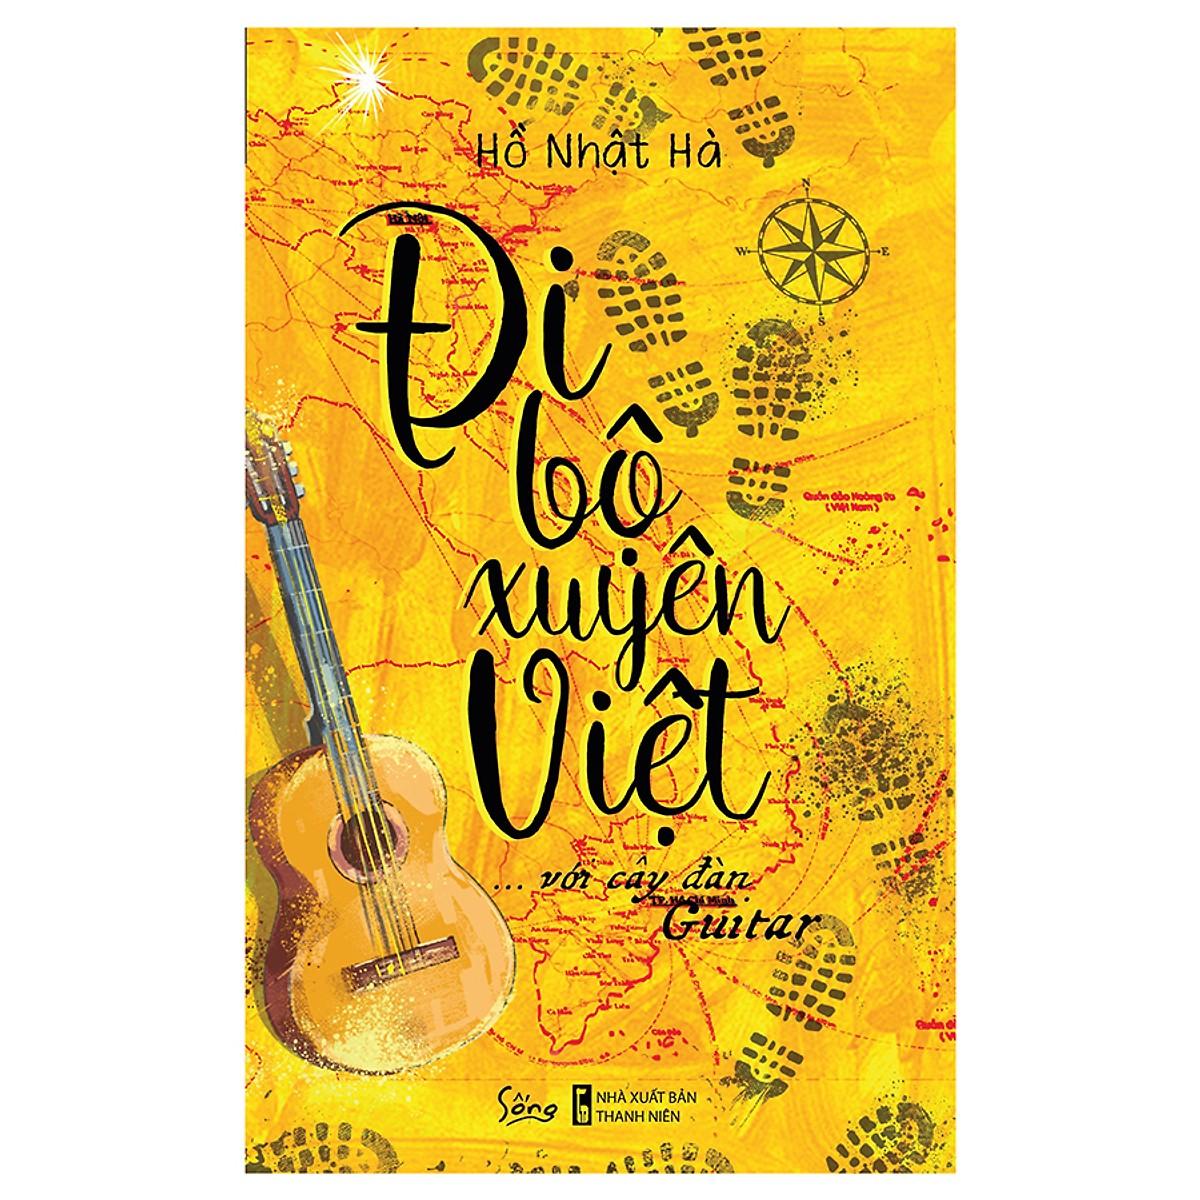 Đi Bộ Xuyên Việt Với Cây Đàn Guitar (Tặng Kèm Bookmark Tiki) - 18613973 , 8991618715603 , 62_22080360 , 124000 , Di-Bo-Xuyen-Viet-Voi-Cay-Dan-Guitar-Tang-Kem-Bookmark-Tiki-62_22080360 , tiki.vn , Đi Bộ Xuyên Việt Với Cây Đàn Guitar (Tặng Kèm Bookmark Tiki)